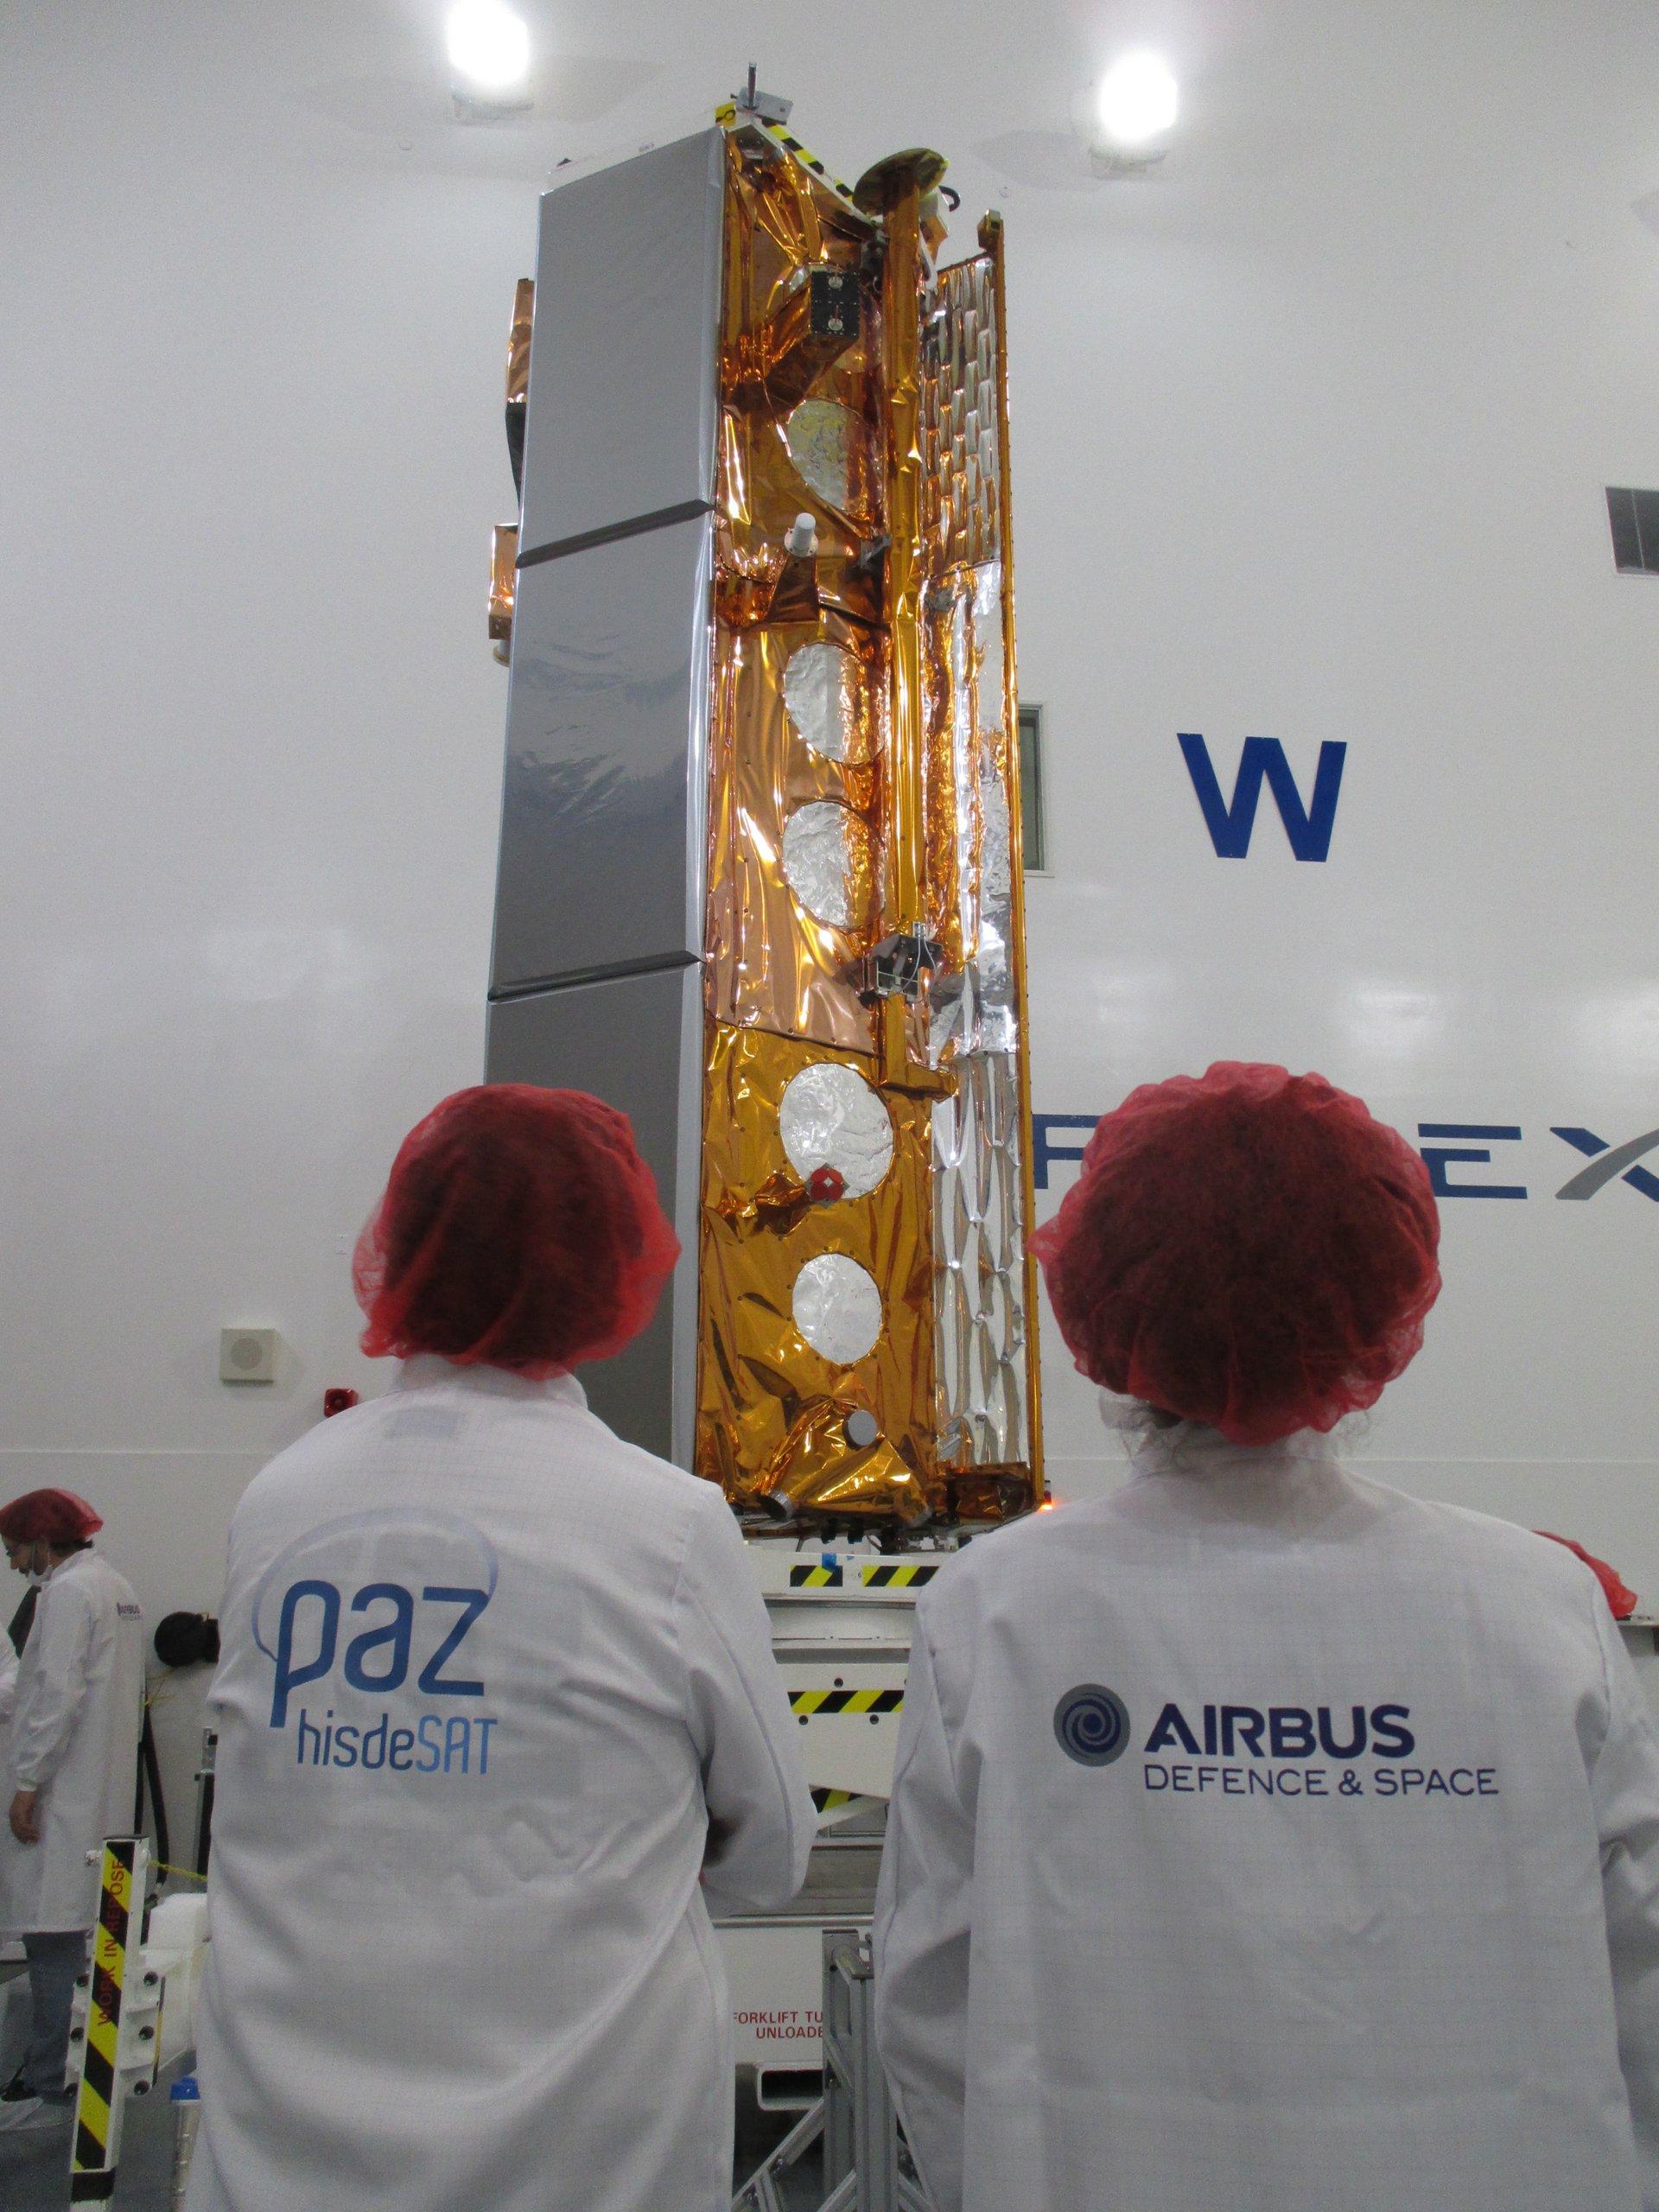 PAZ Satellite Copyright Airbus2018